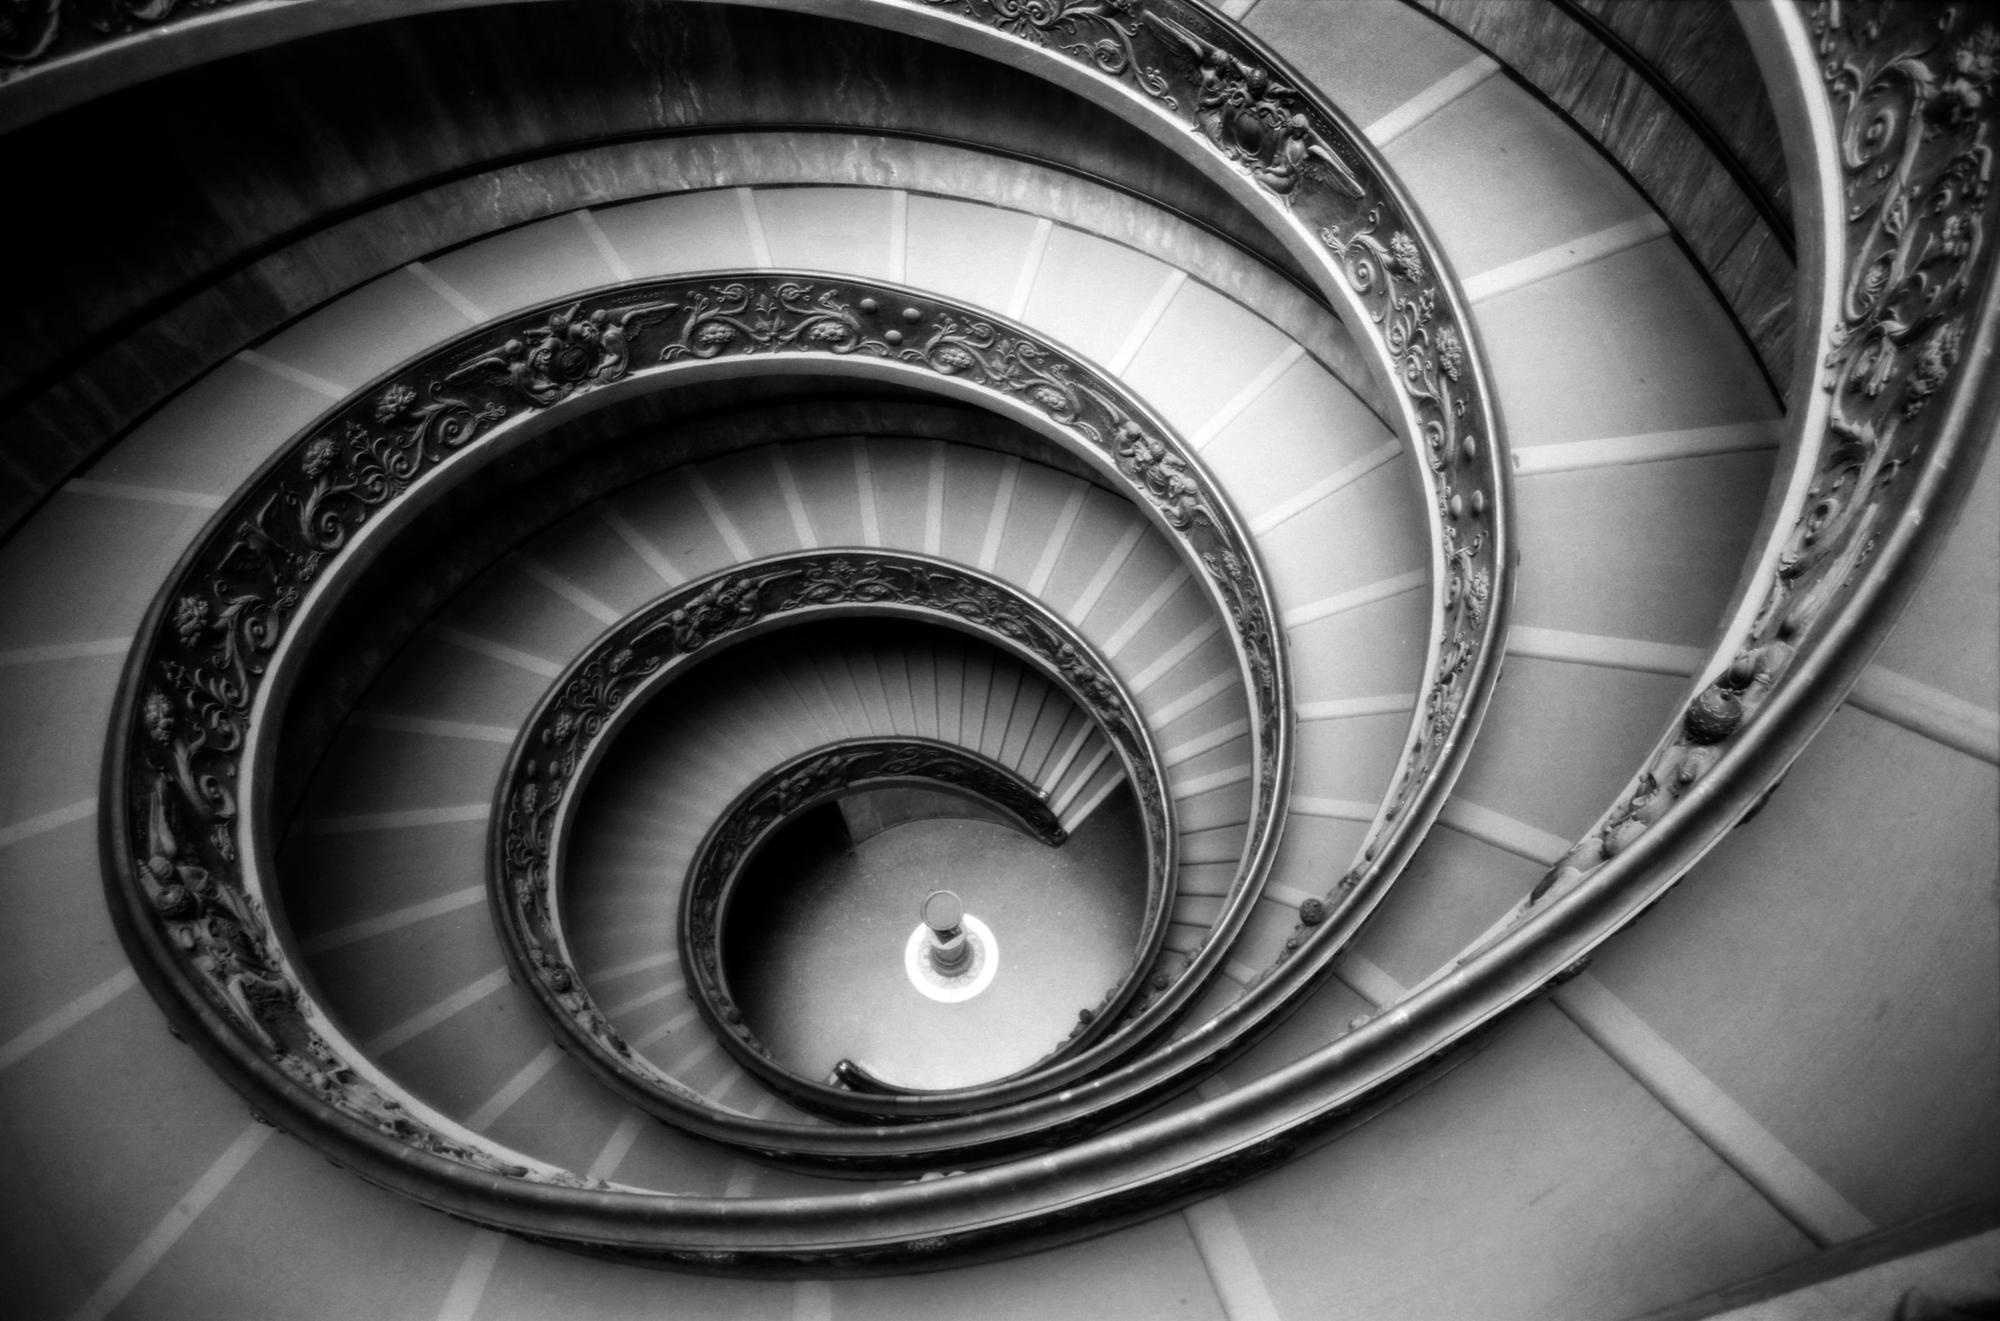 Bramante Staircase, Italy